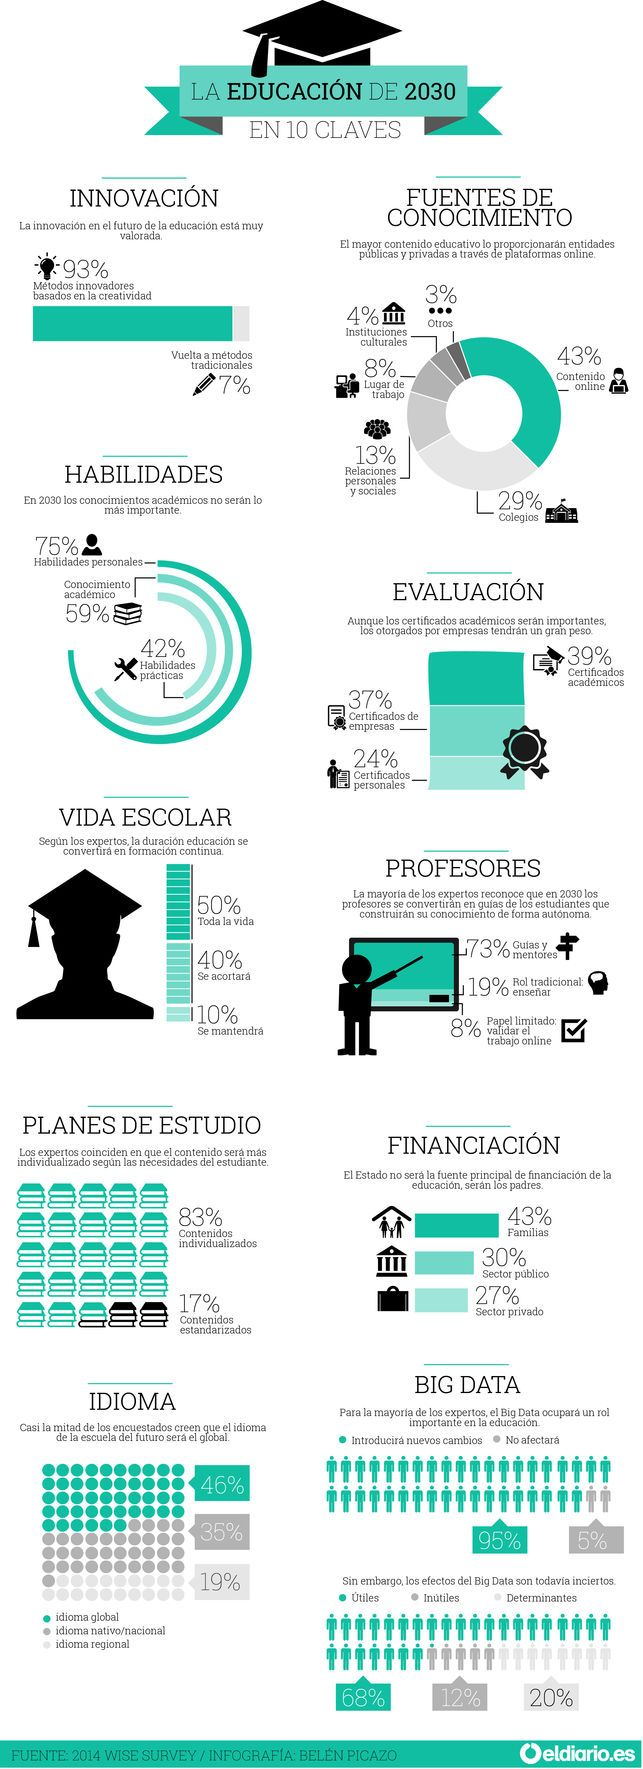 infografía sobre La educación de 2030 en 10 claves.